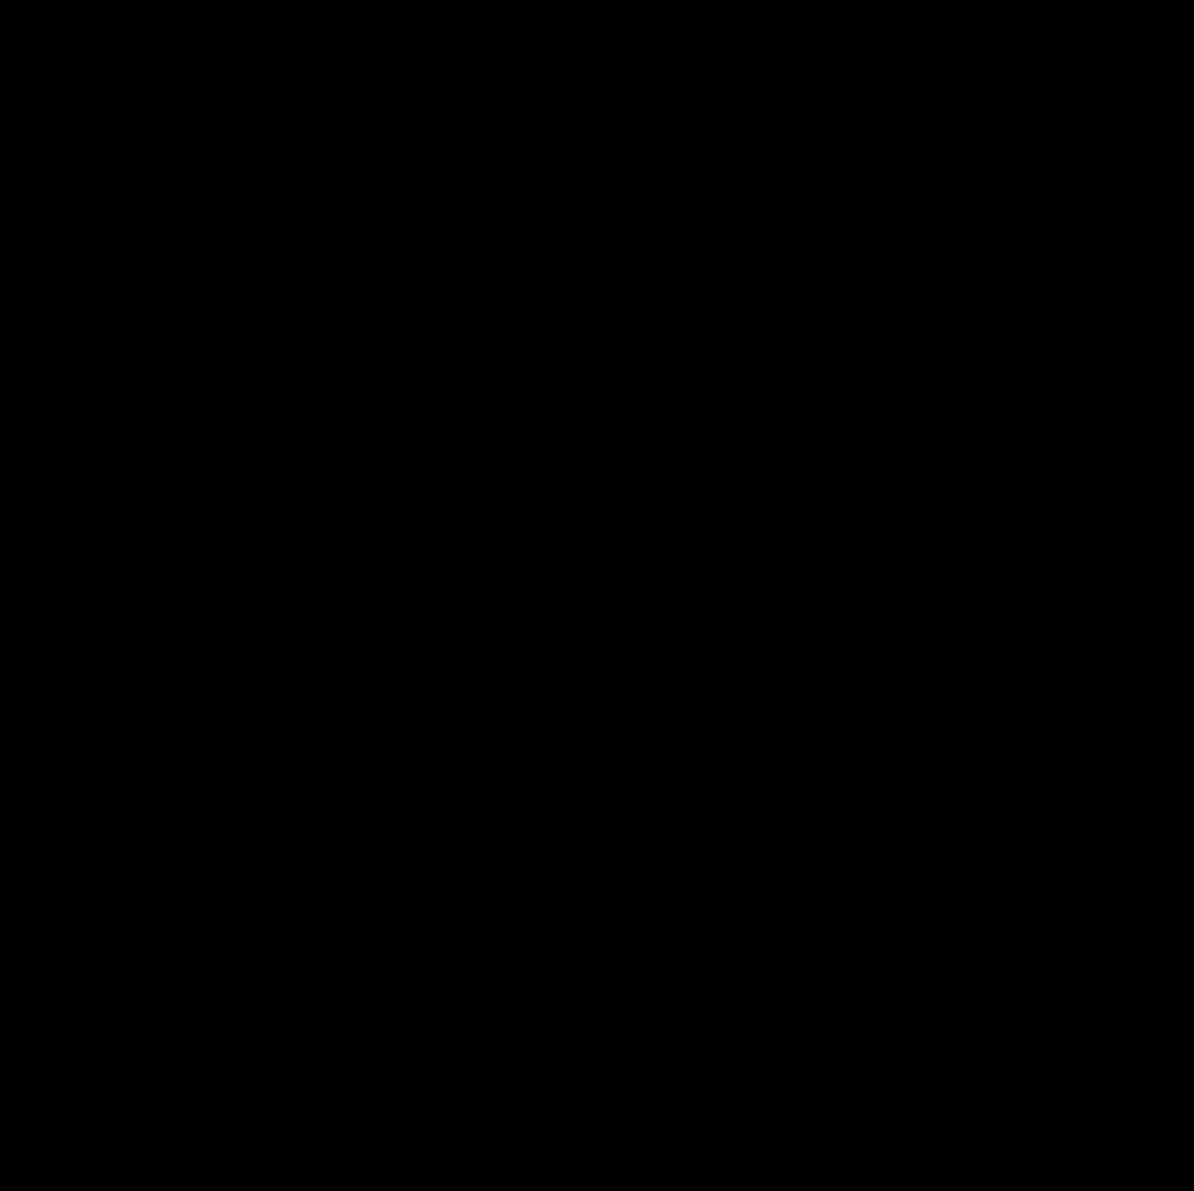 Jagatreffen 2009